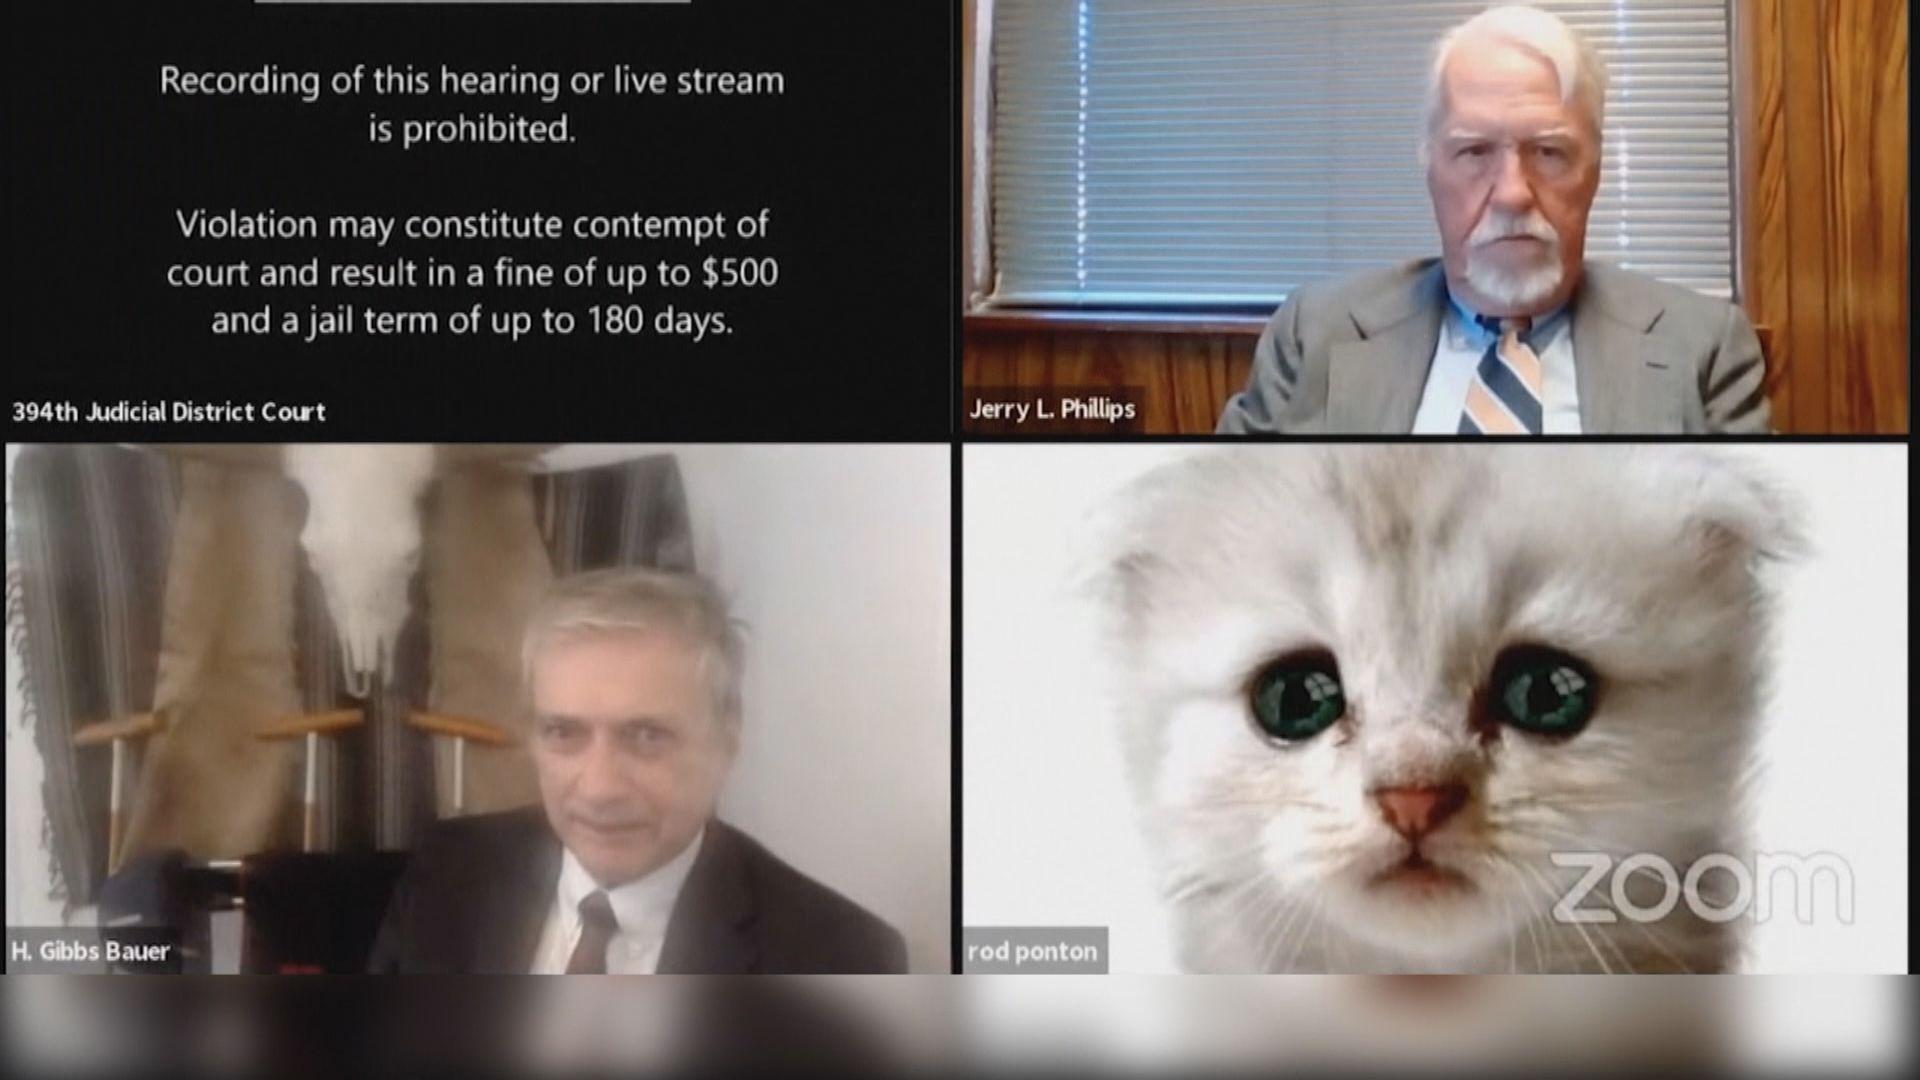 【環球薈報】Zoom未取消濾鏡 檢察官變成一頭貓